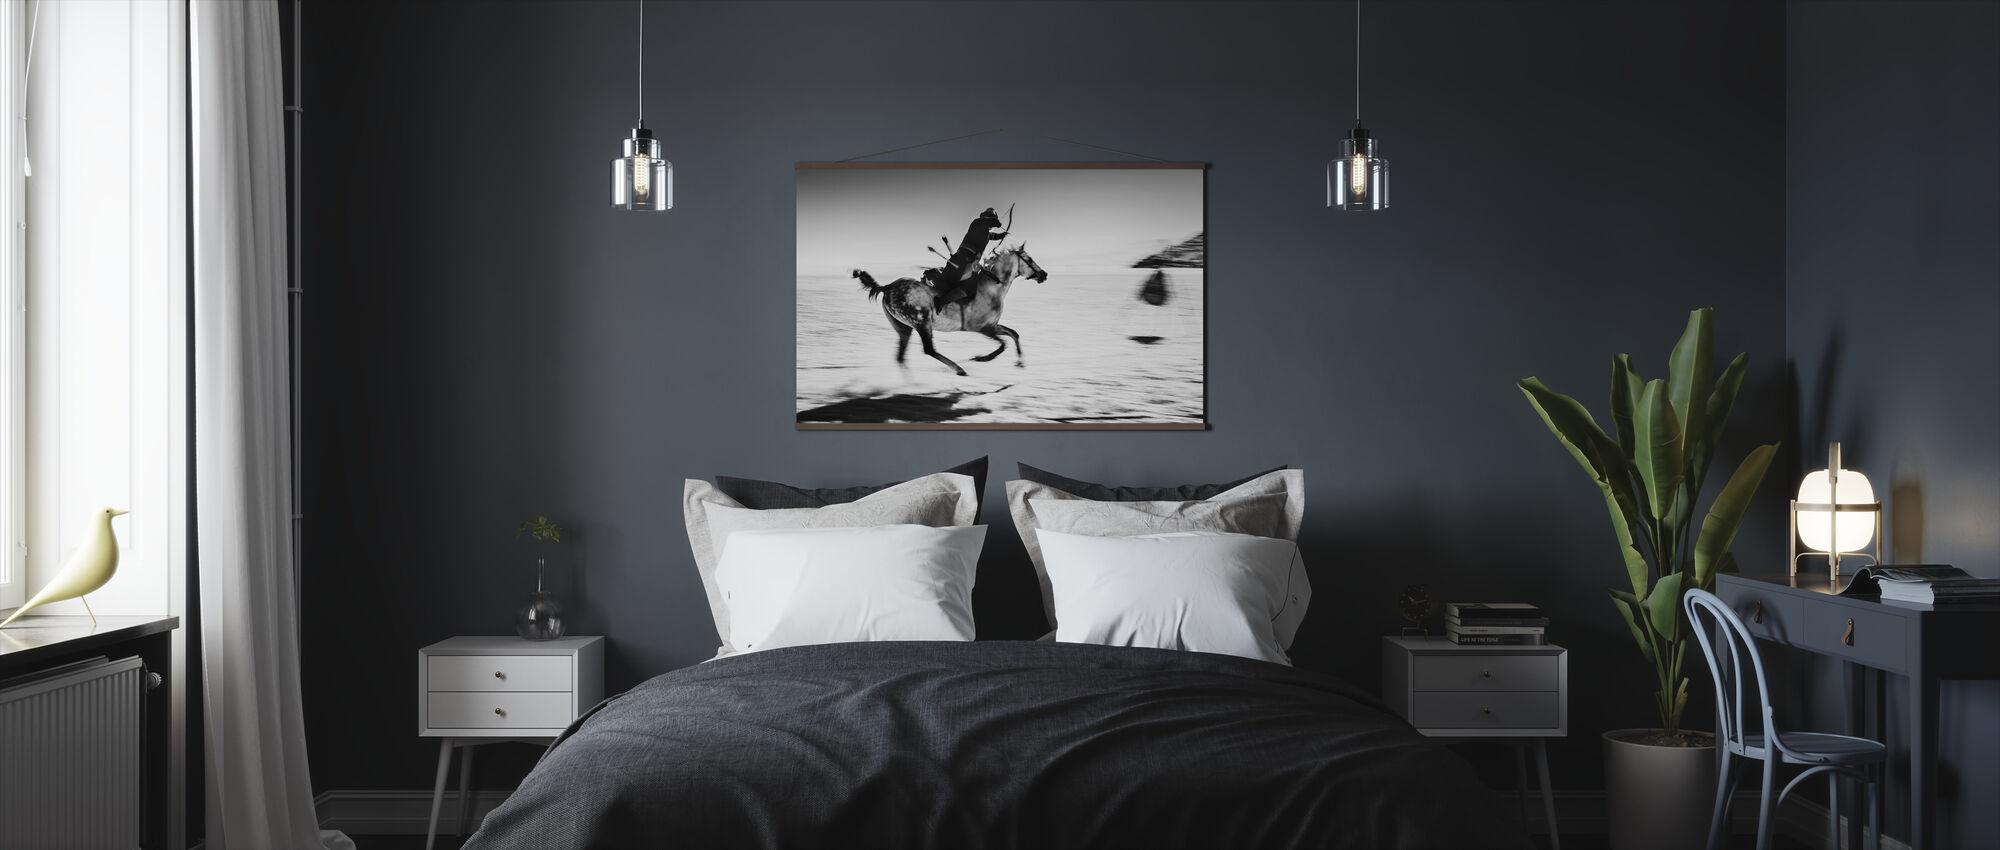 Galopping Hevonen ja Bowman, musta ja valkoinen - Juliste - Makuuhuone